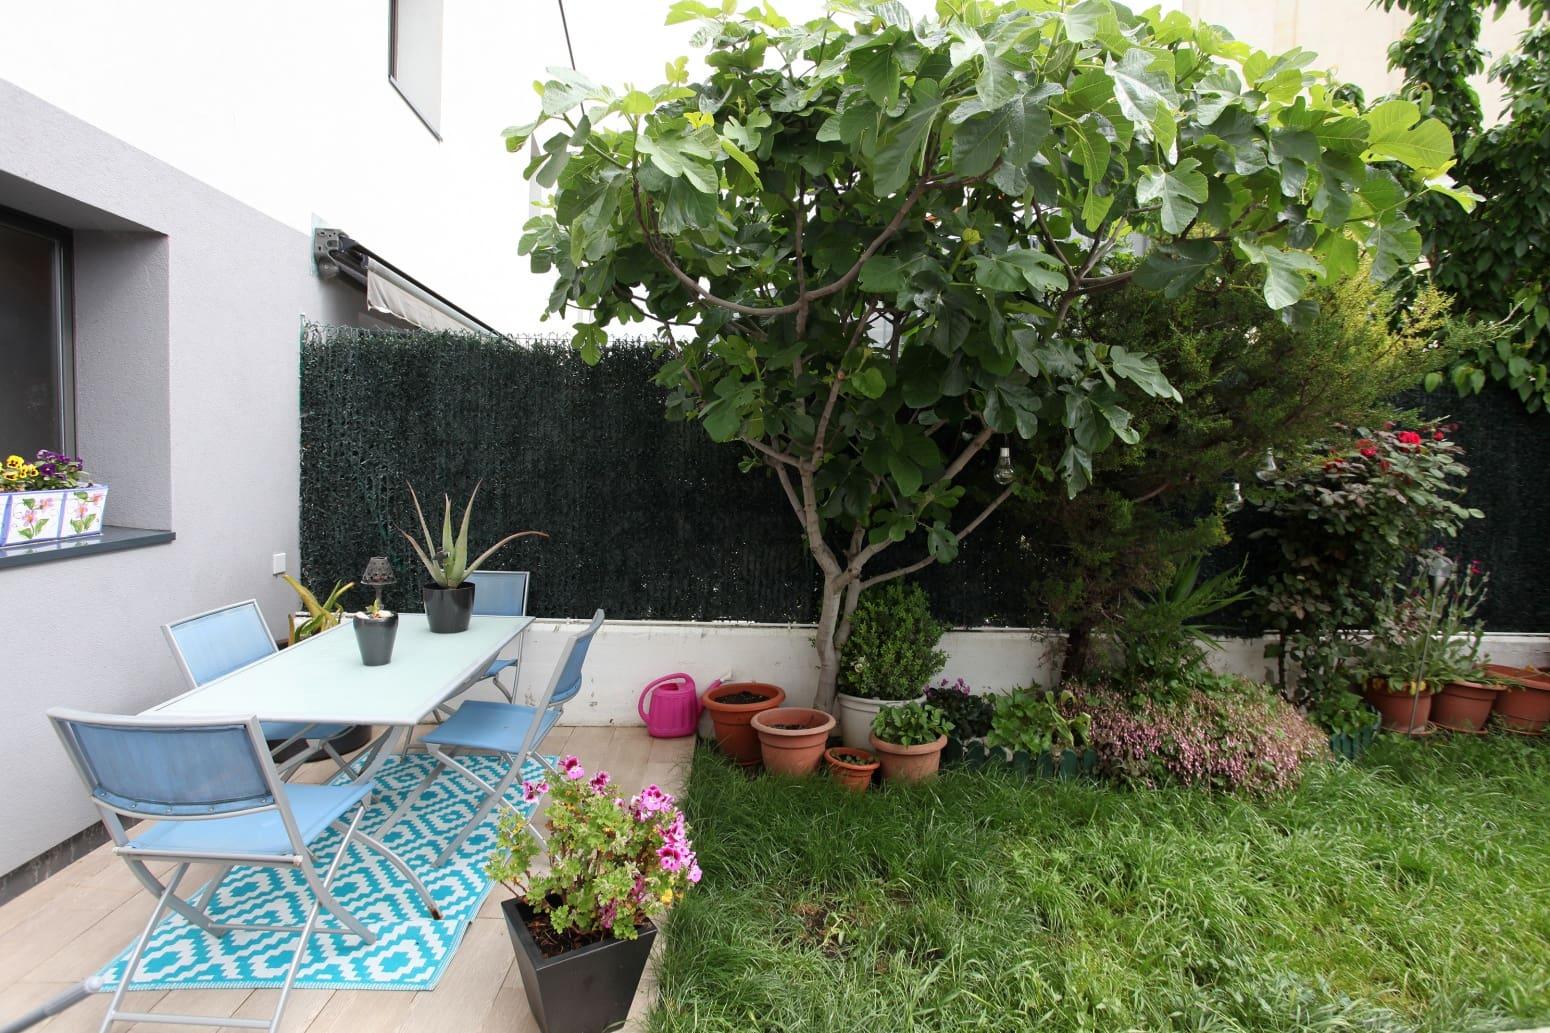 3 Zimmer Reihenhaus zu verkaufen in Barasoain mit Garage - 180.000 € (Ref: 5280952)